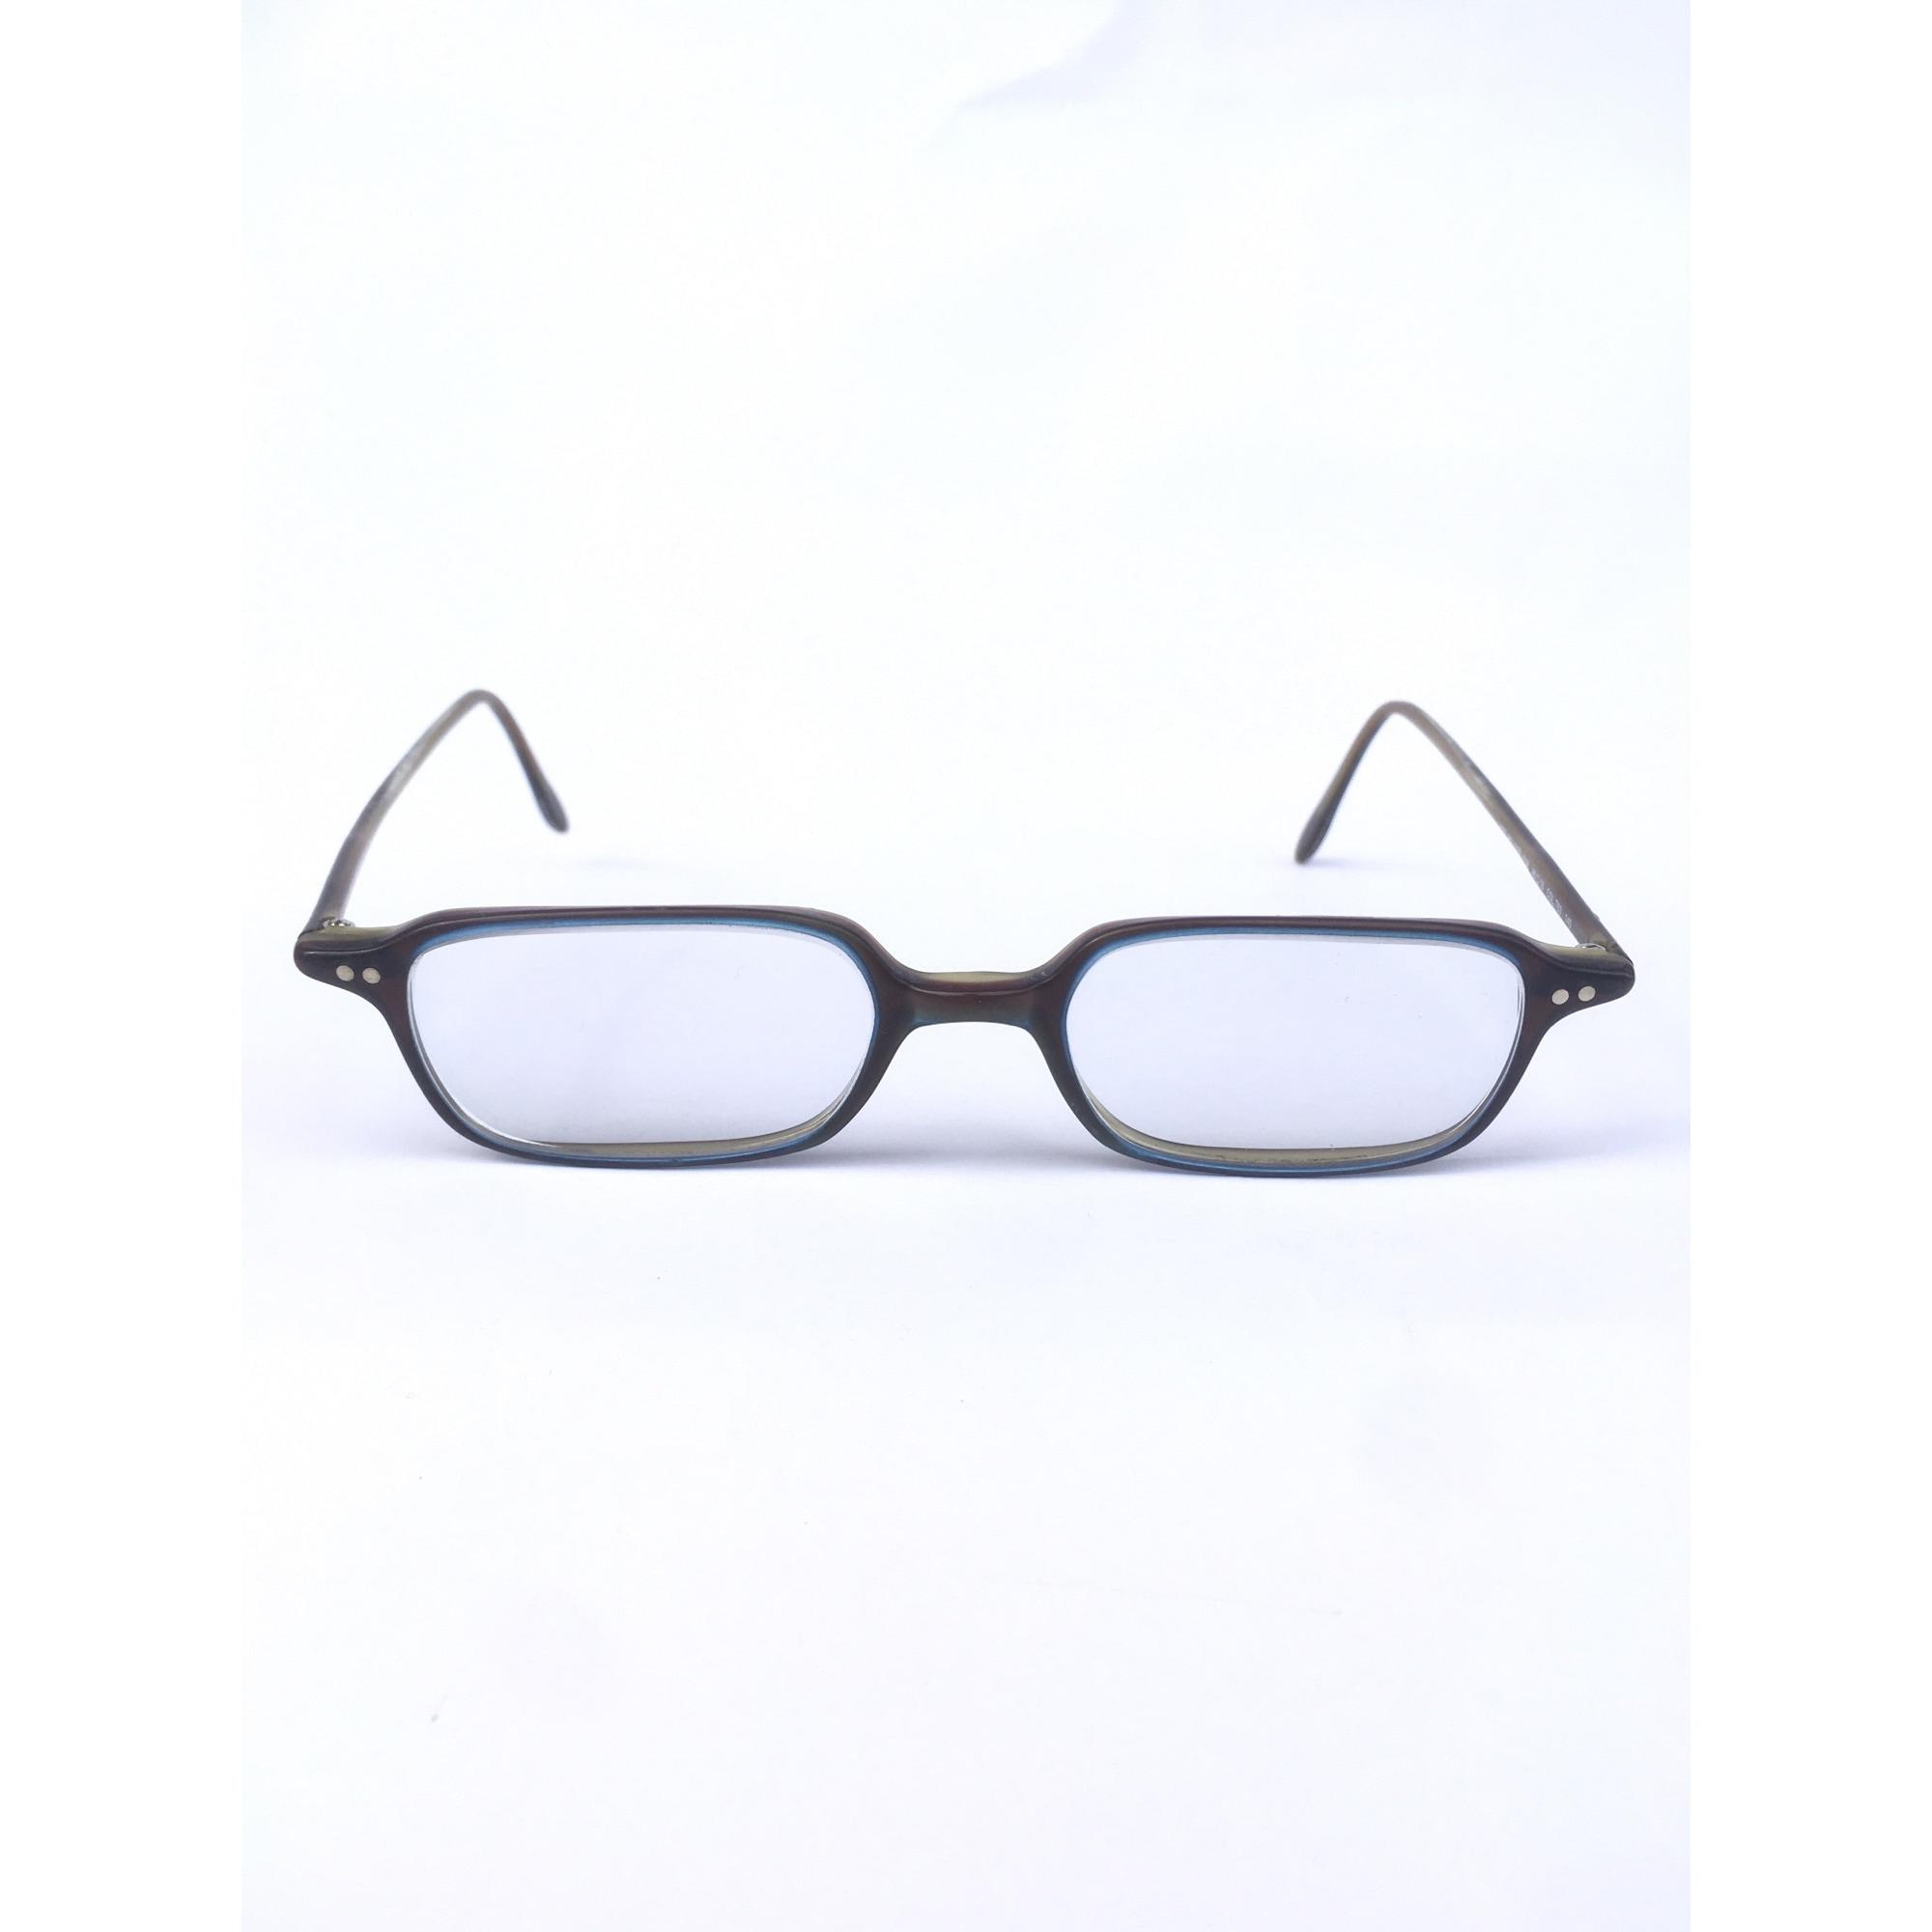 Eyeglass Frames POLICE Khaki